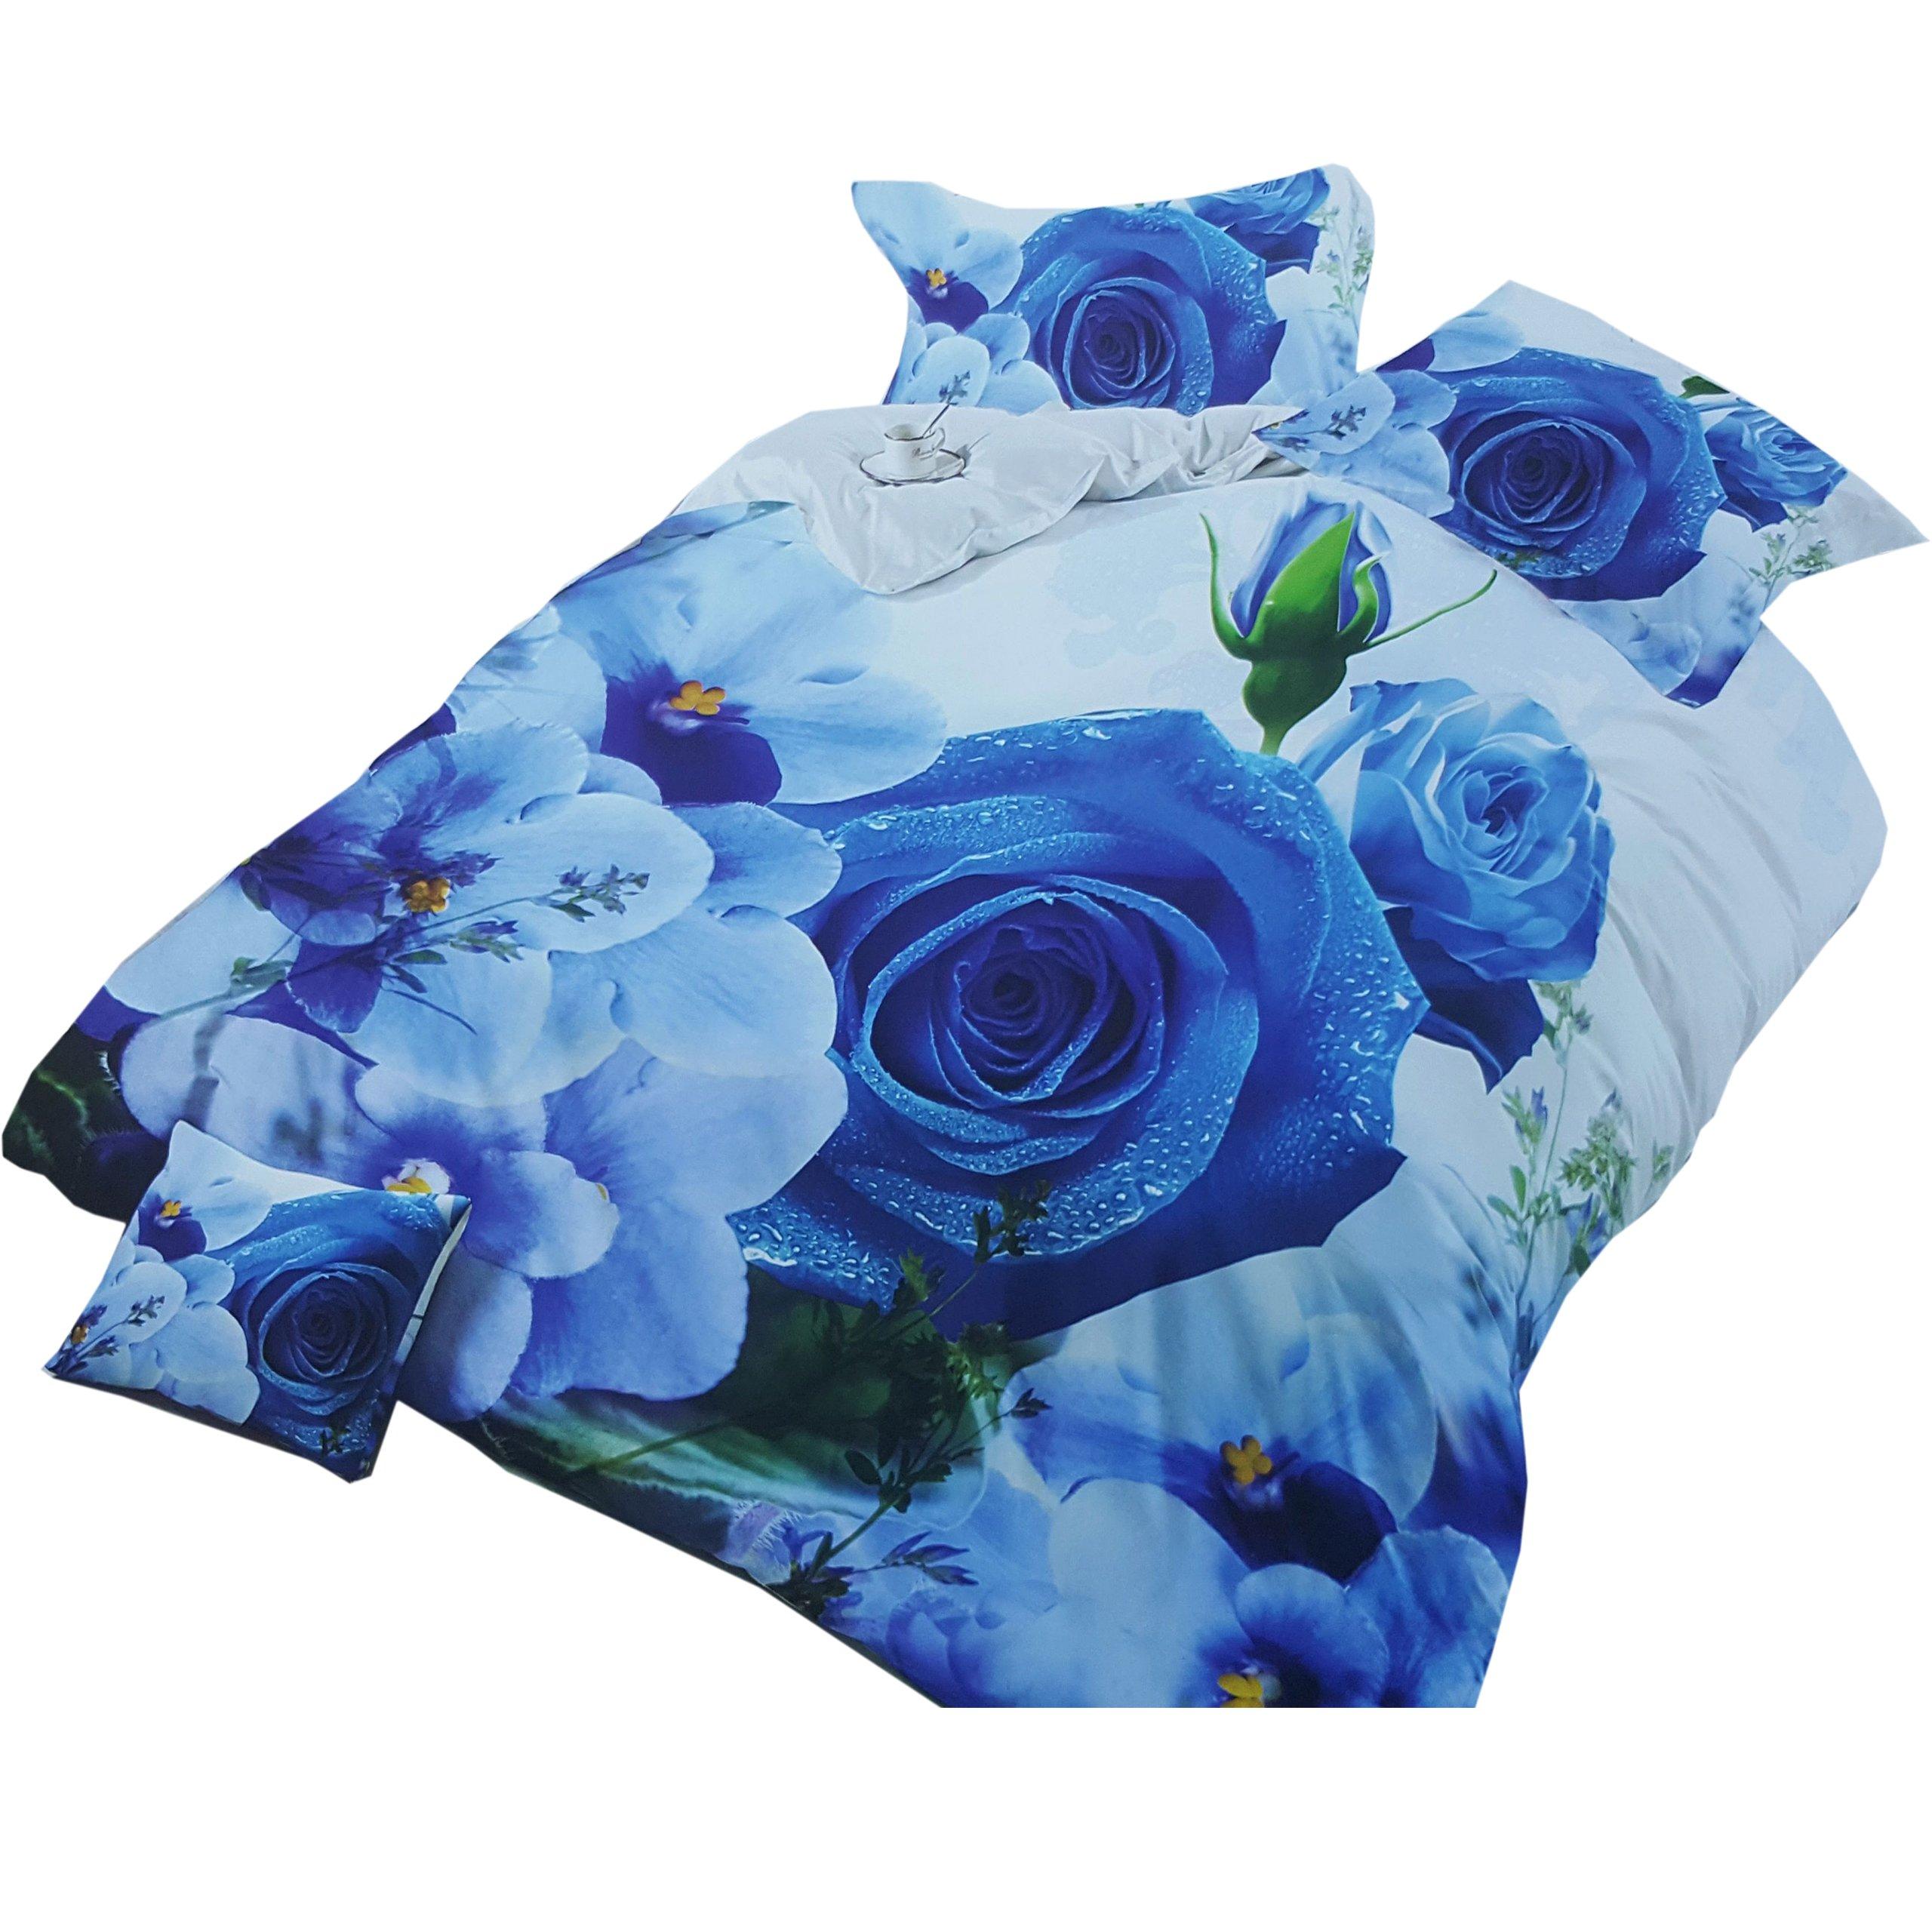 Pościel 3d Niebieskie Róże Kwiaty 160x200 4cz 7305325471